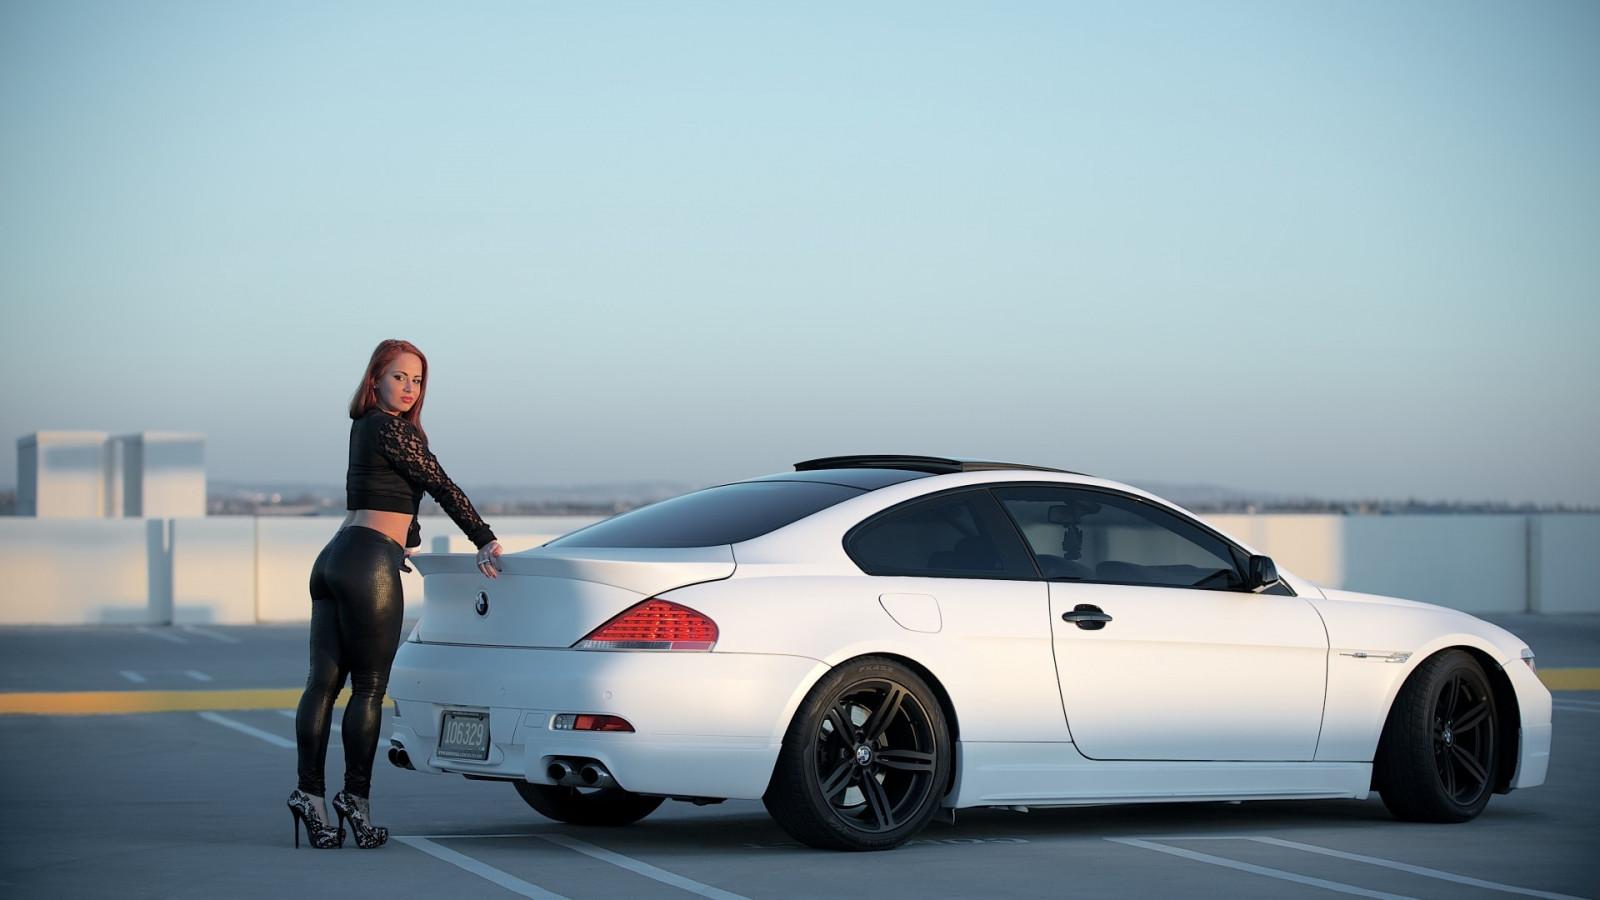 Voiture de luxe / prestige. Fond d'écran : véhicule, Femmes avec des voitures, voiture